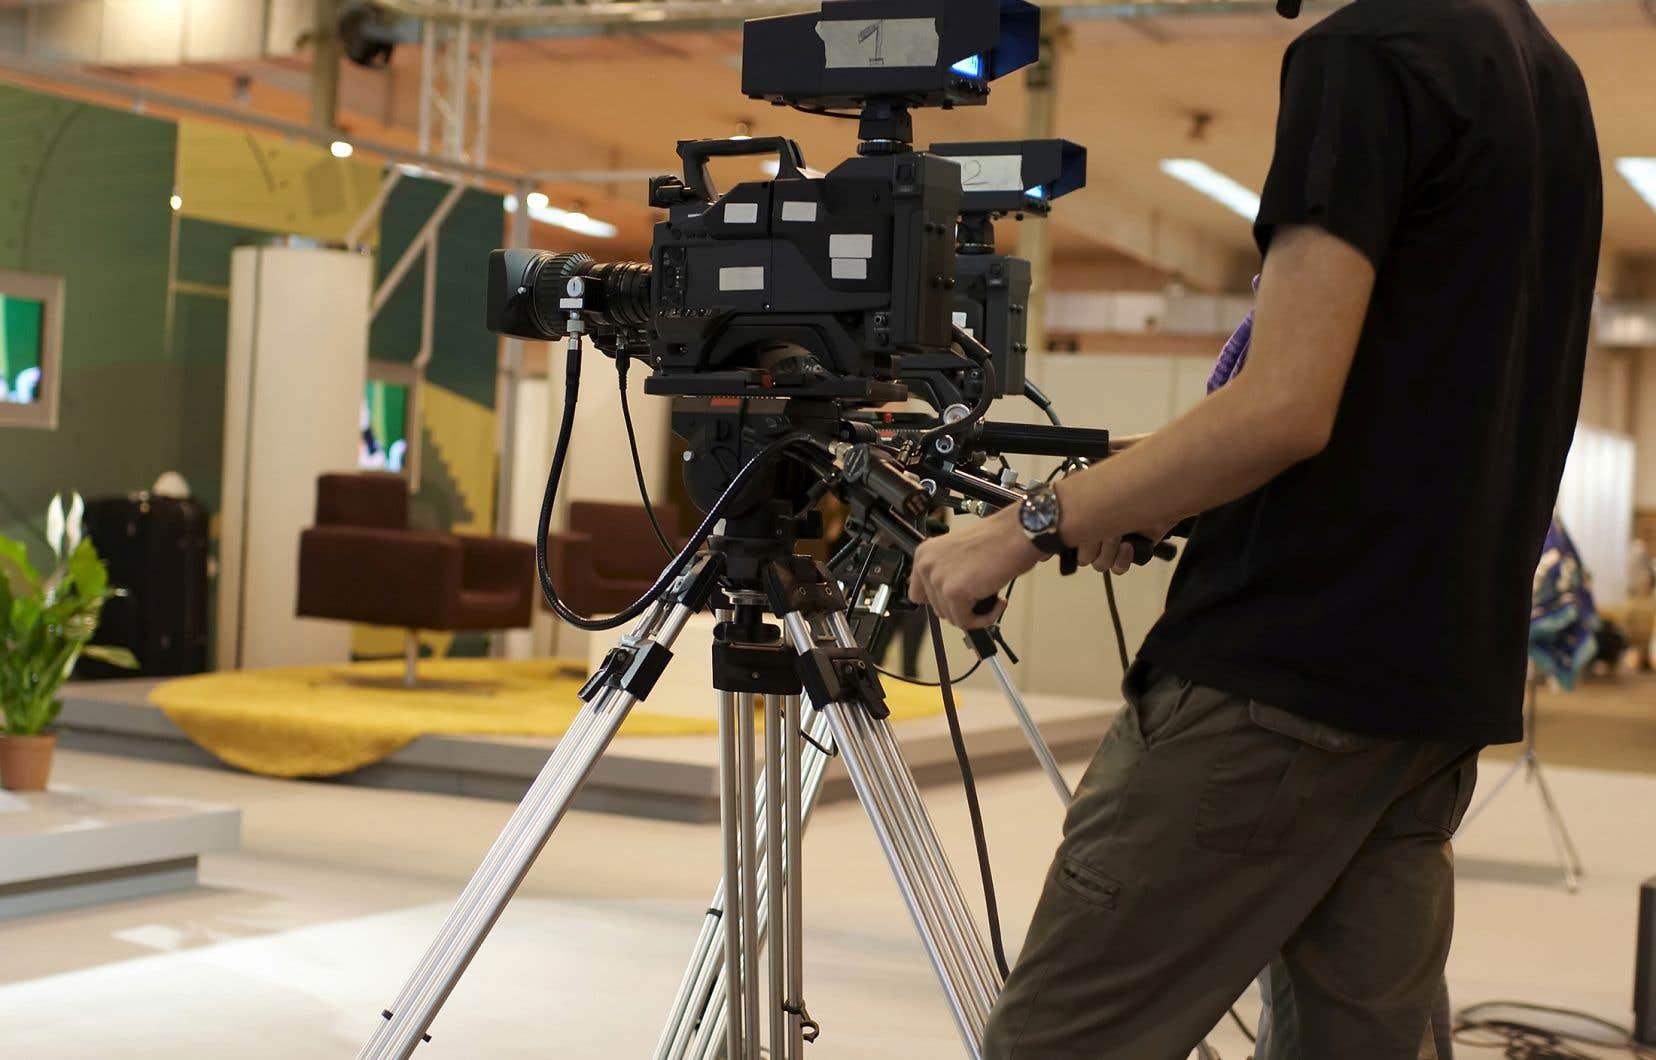 Les mesures de confinement ont provoqué l'annulation de nombreux tournages d'émissions et de fictions.